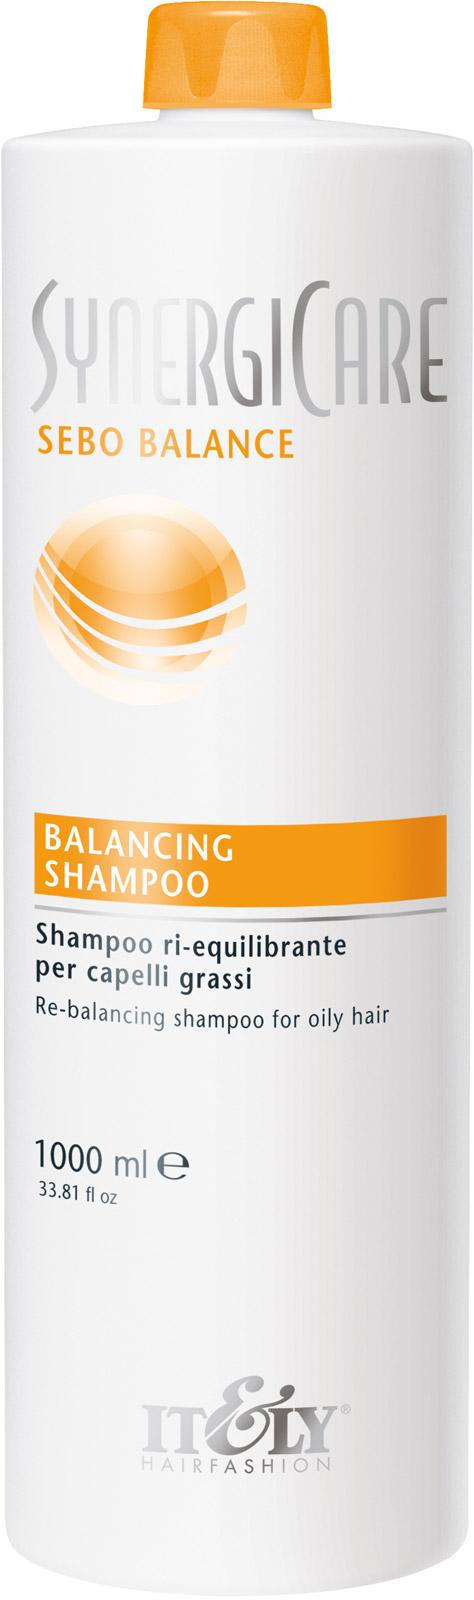 Шампунь для волос Itely Hairfashion балансирующий для жирной кожи головы BALANCING SHAMPOO 1000 ml05062Его деликатный состав обогащен Фитотрио и Физио-Себорегулятором, эксклюзивными комплексами активных веществ, разработанными для восстановления правильного гидролипидного баланса кожи головы.Помогает сократить излишек жира, восстанавливая оптимальное состояние кожи головы.Активные компоненты:PHYTOTRIO COMPLEX - фитоактивныйi комплекс с вяжущим действием, снимает раздражение благодаря энзиматическому ингибированию размножения бактерий (предотвращая их рост). Обладает сильным антилипазным действием, которое сокращает размножение бактерий и, следовательно, раздражение кожи головы. Обладает ярко выраженными вяжущими свойствами, сужая диаметр пор всего через 15 минут после применения.PHYTO-SEBOCONTROL - Активный ингредиент, полученный из таволги вязолистной (Filipendula ulmaria), контролирует выработку и присутствие кожного жира. Регулирует работу жировых желез, ингибируя действие 5?-редуктазы - энзима, отвечающего за их активацию. Кроме того, оказывает вяжущее действие благодаря таннинам, которые сужают кожные поры.PHYSIO-SEBOREGULATOR - Соль пирролидонкарбоновой кислоты, которая очищает кожу головы от излишнего жира, деликатно удаляя чешуйки жирной перхоти и восстанавливая увлажнение кожи для предотвращения образования сухой перхоти.ТРИМЕТИЛГЛИЦИН - Обеспечивает и значительно увеличивает гидратацию, кондиционирование и блеск волос. Усиливает волокна волос, предотвращает нарушения, повышает эластичность. Лабораторные тесты показали, что волосы, обработанные с ТМГ становятся сильне...